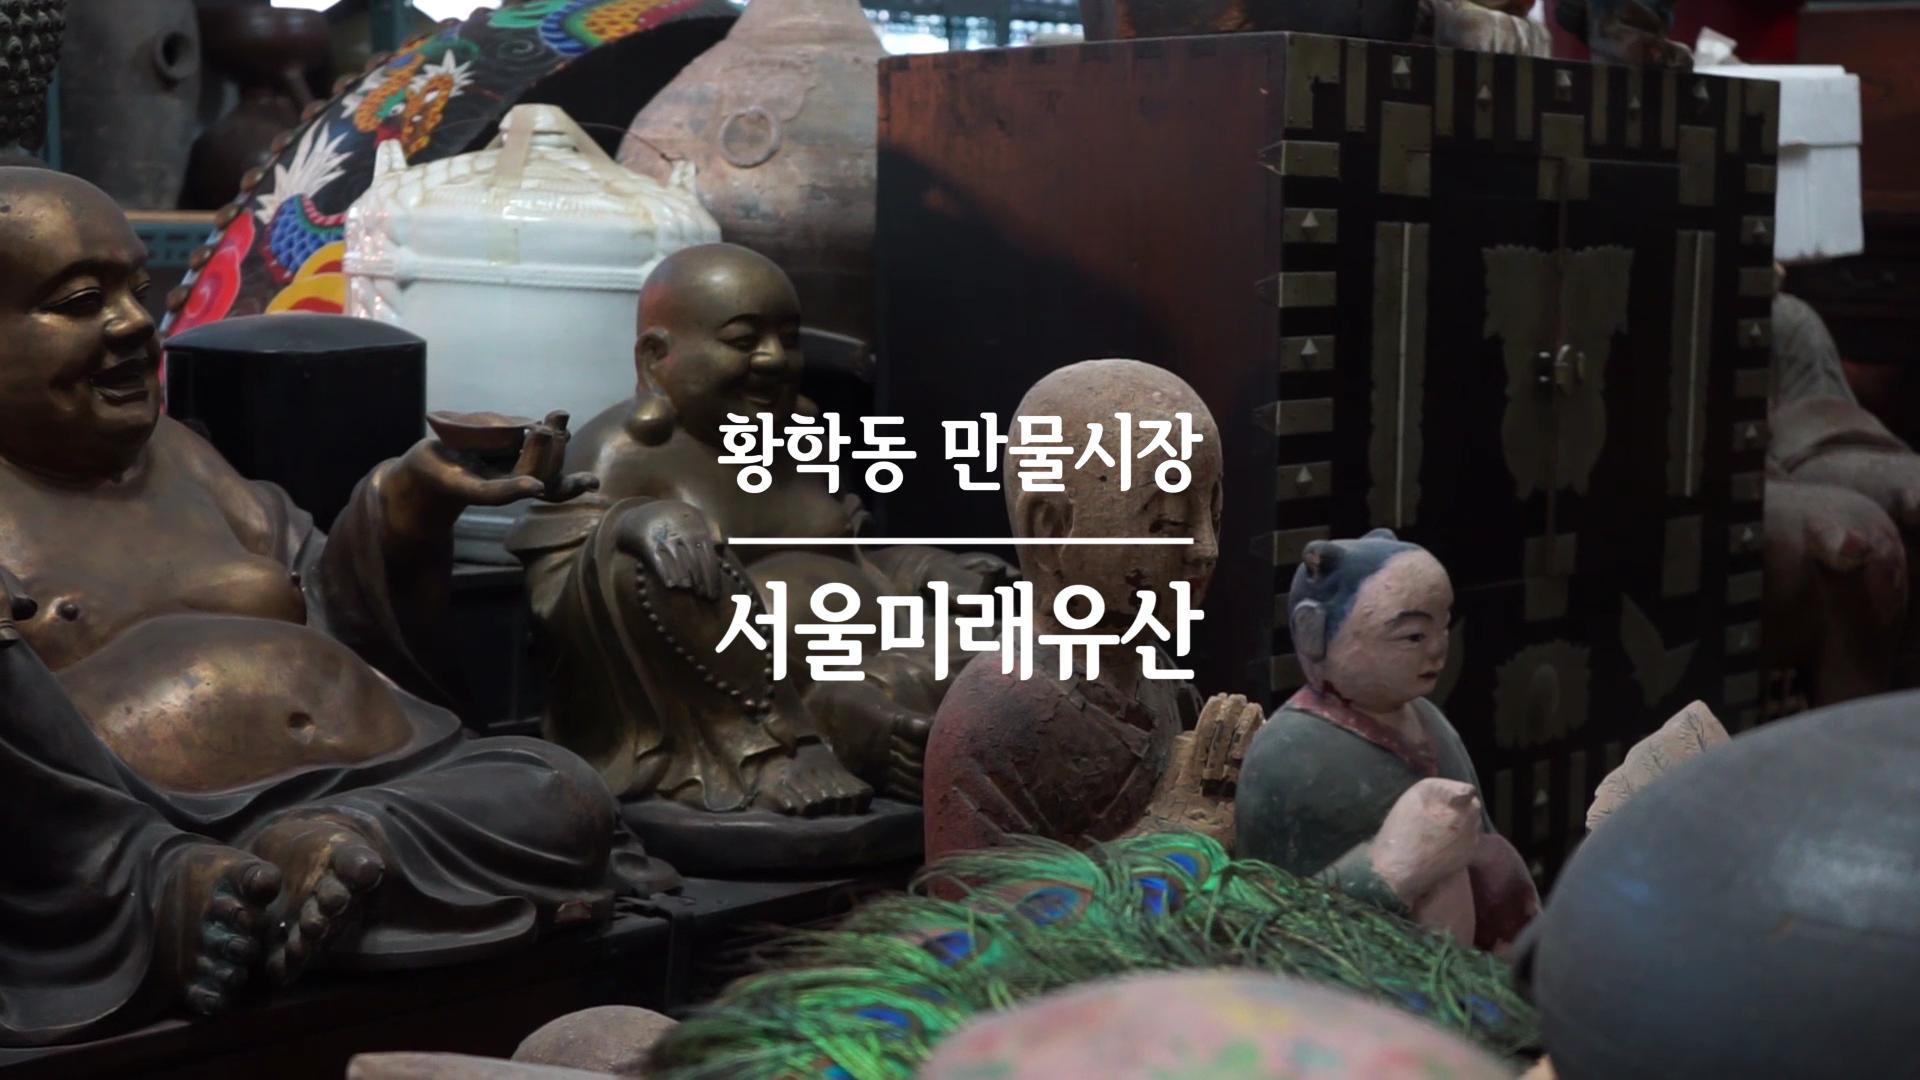 황학동 만물시장 인터뷰